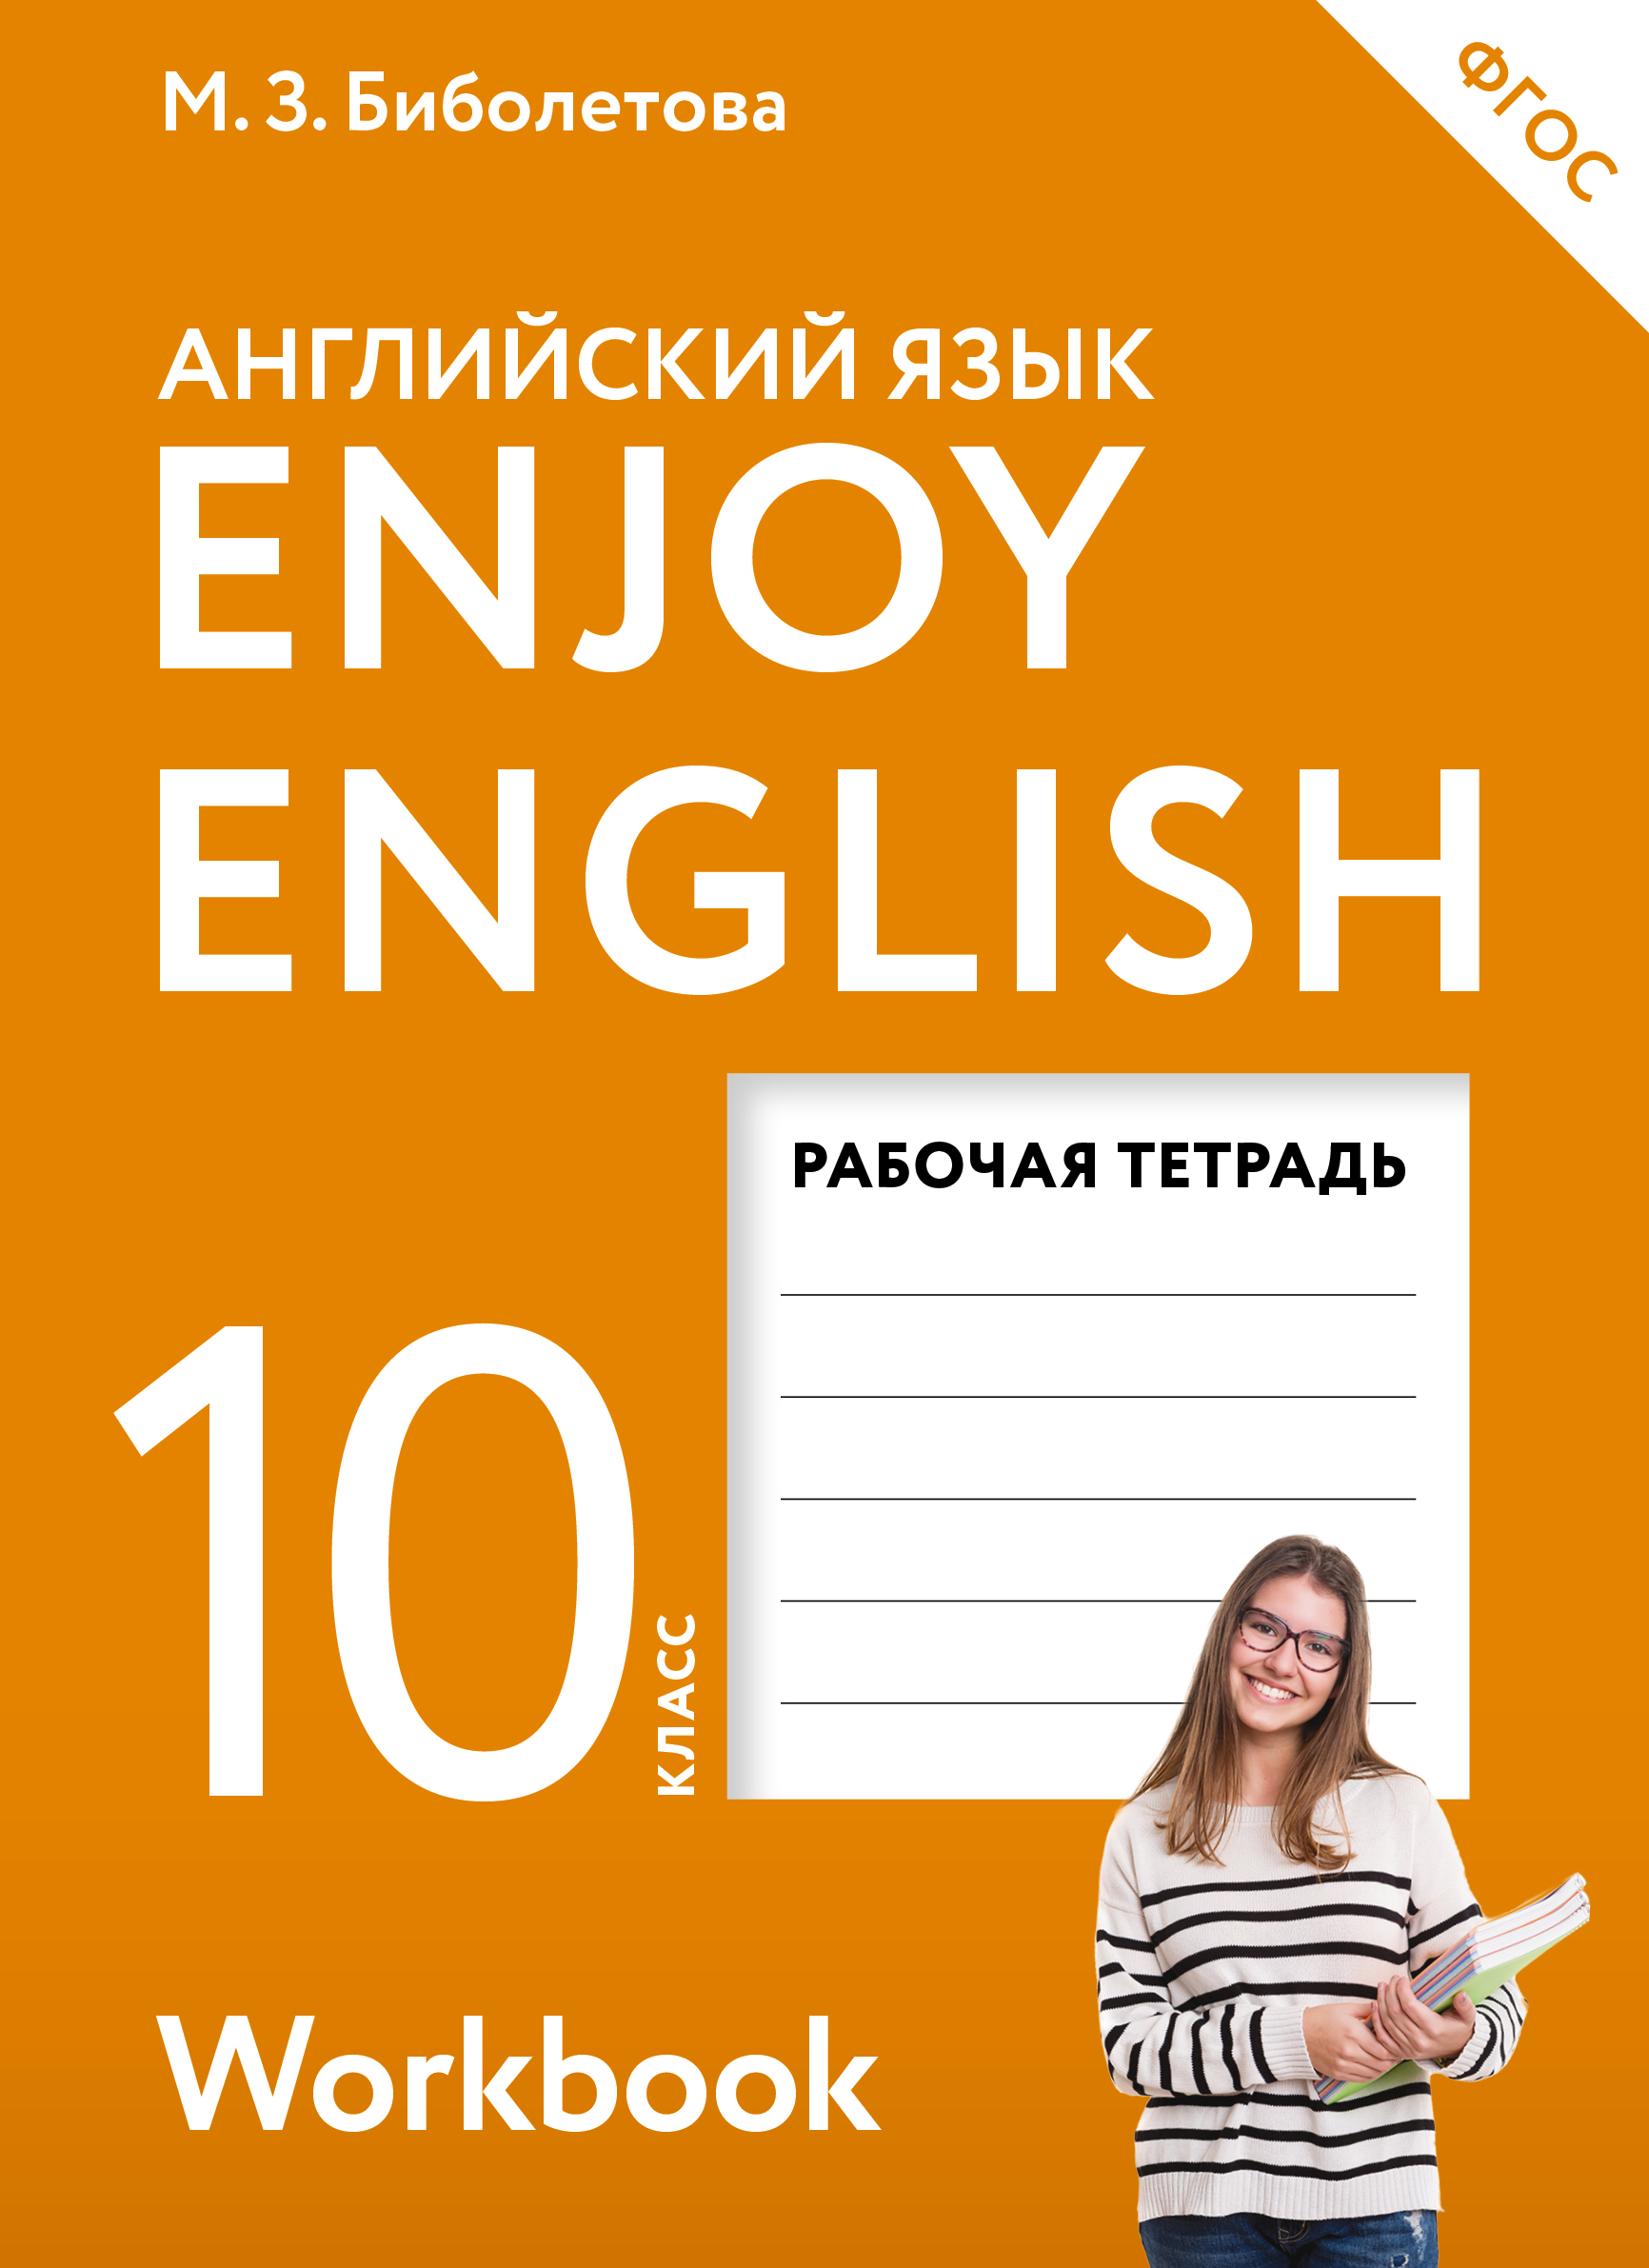 Рабочая тетрадь по английскому языку 10 класс биболетова скачать